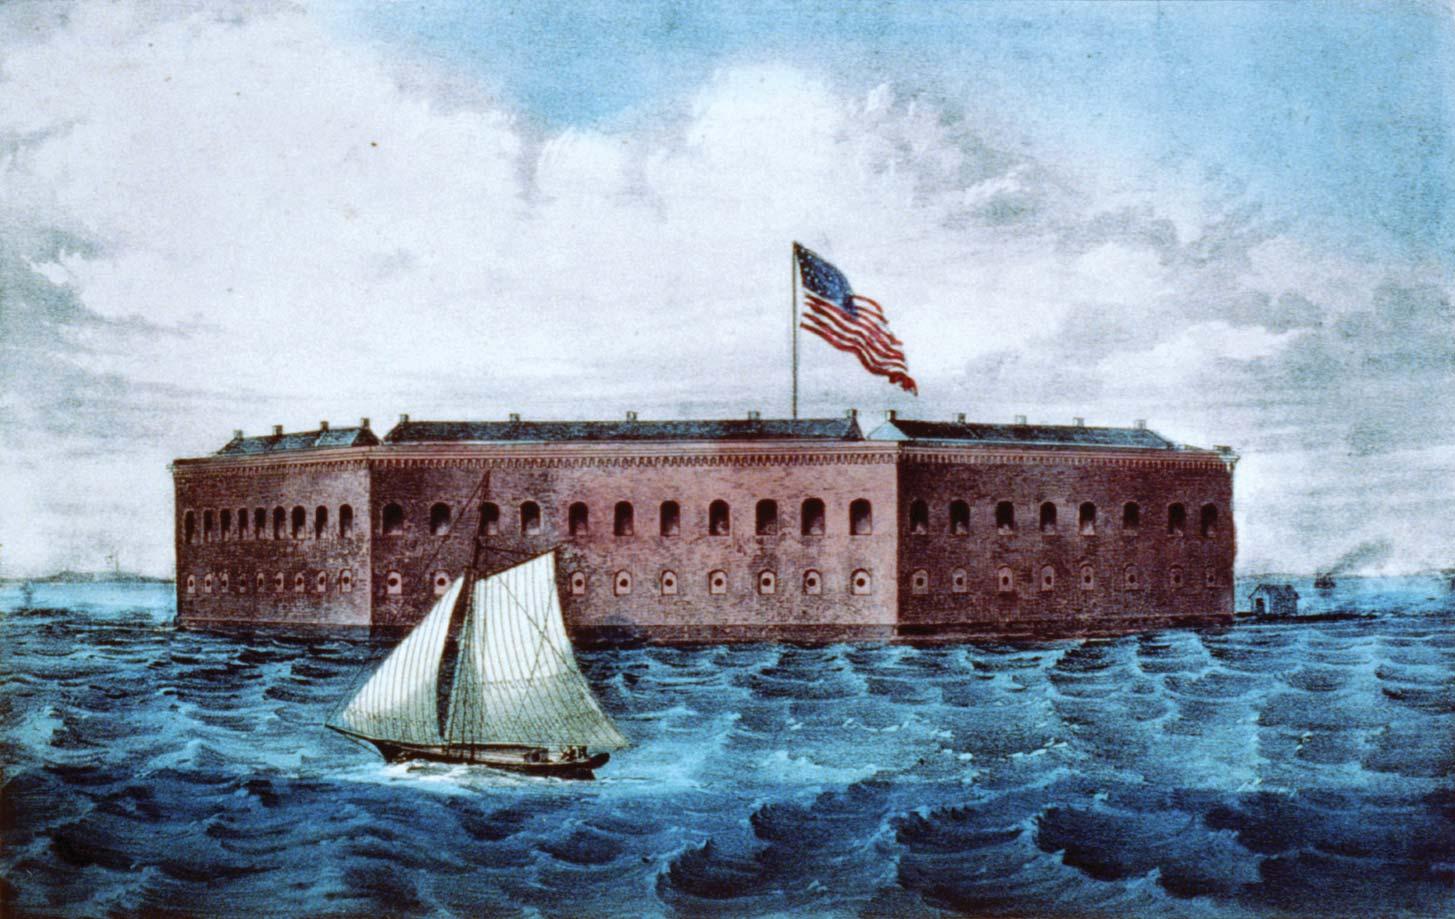 Ft Sumter Brittanica